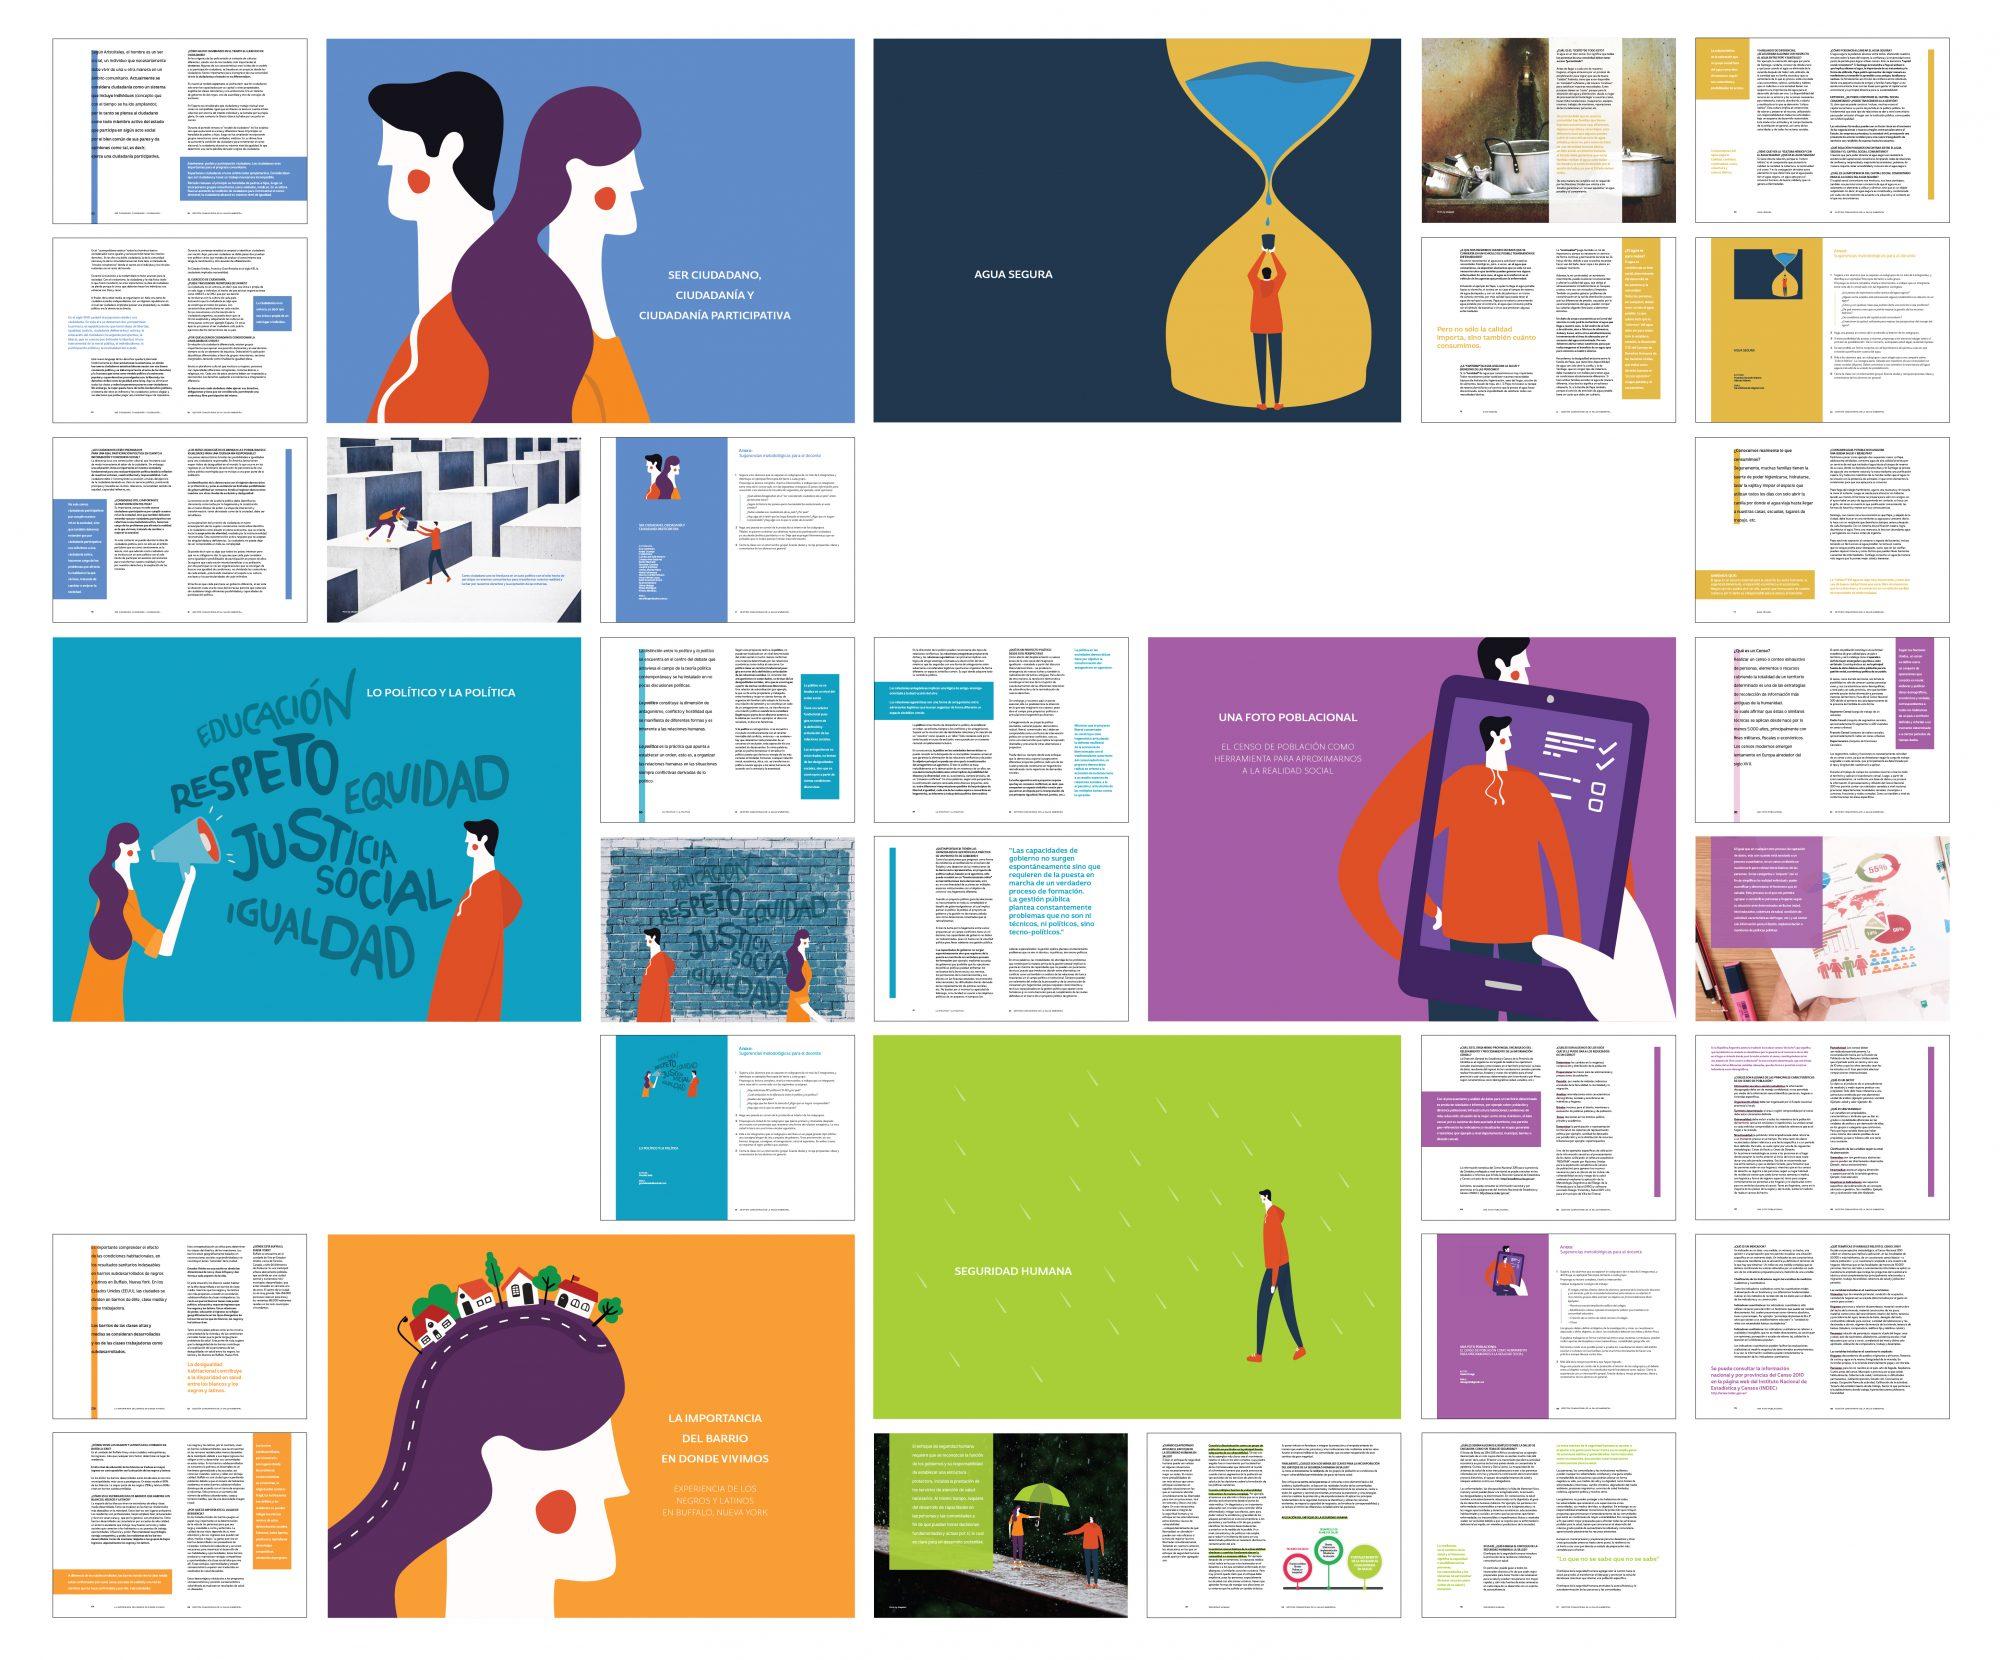 Gestión comunitaria de la salud ambiental thumbnails 1page2